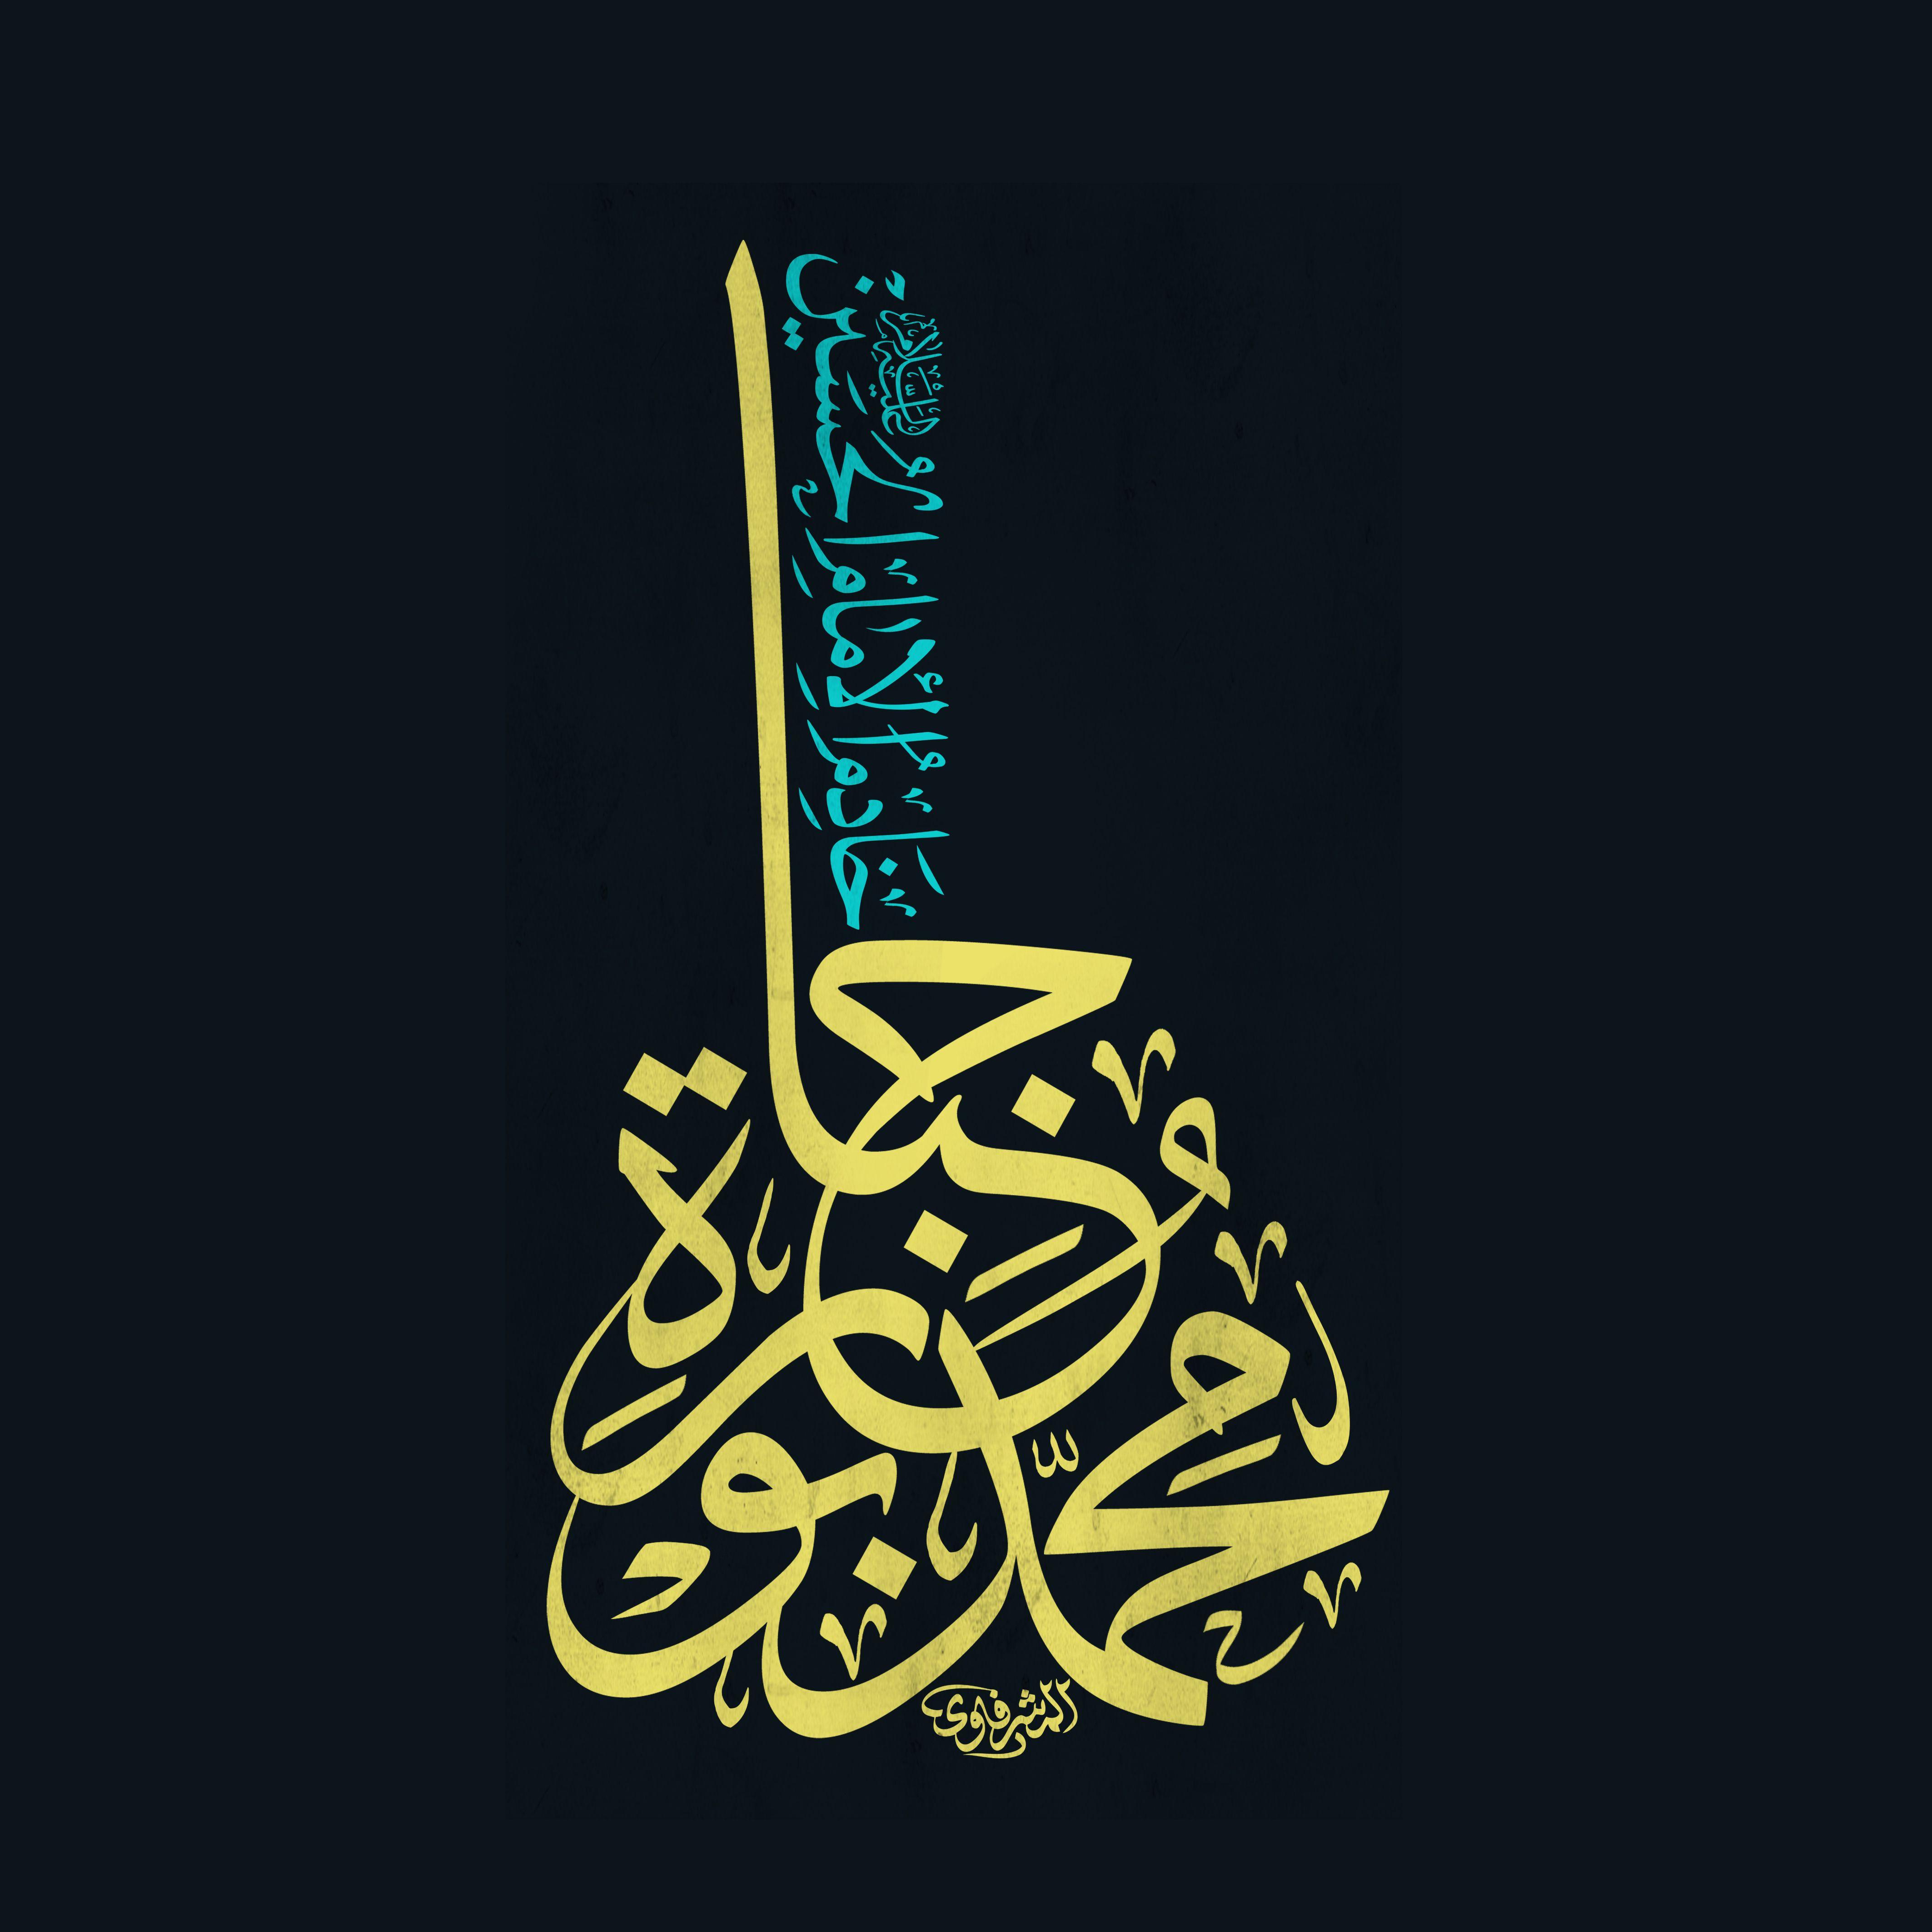 خادم الإمام الحسين عليه السلام محمد بو جبارة الخطاط محمد المشرفاوي In 2021 Peace Gesture Art Calligraphy